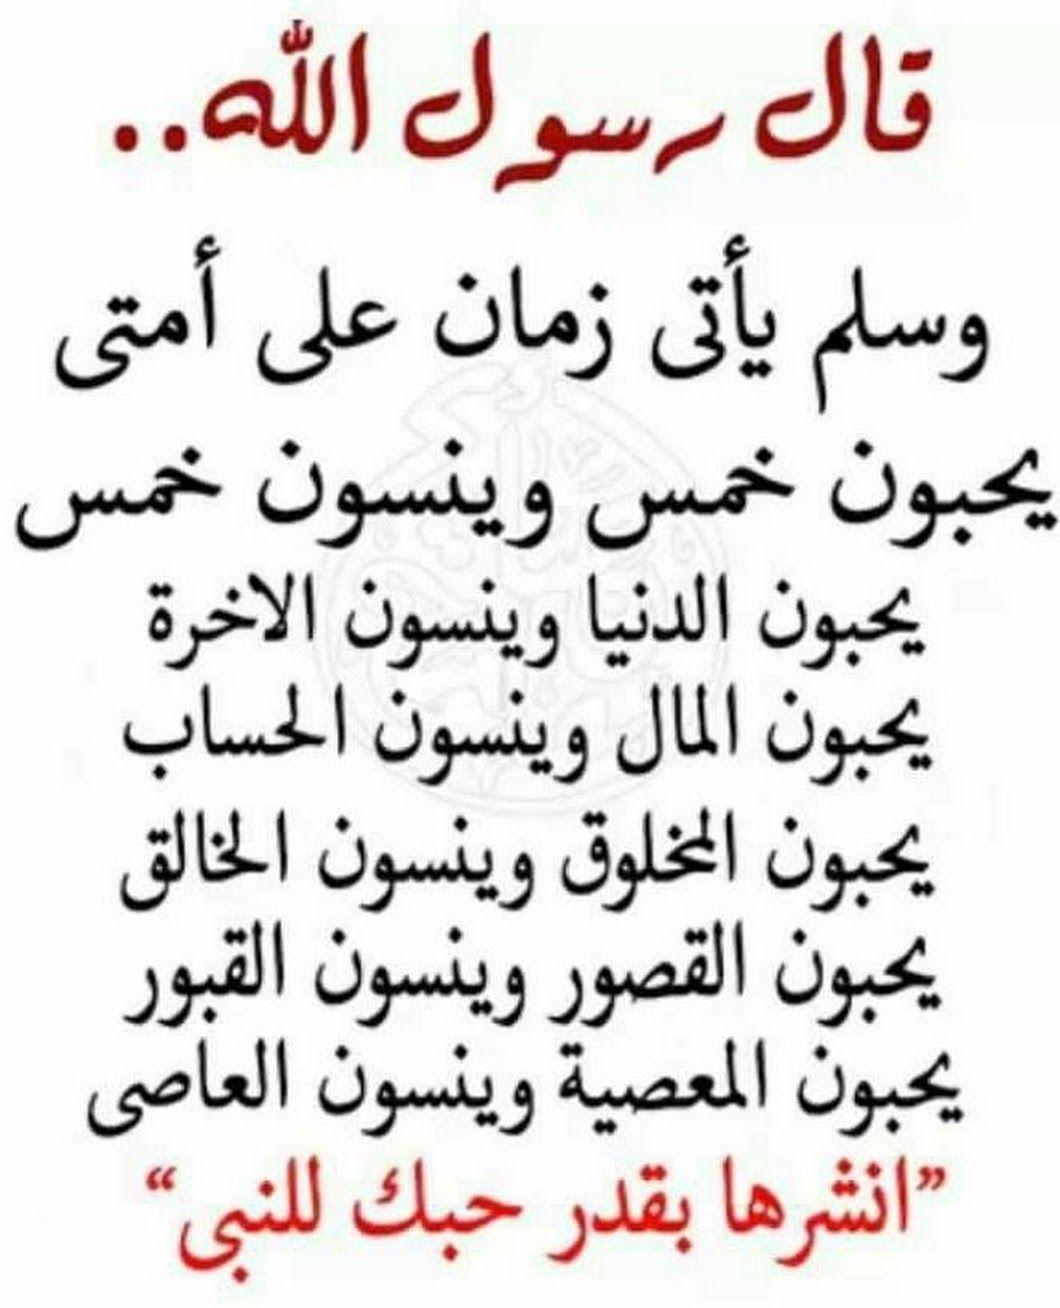 يأتي زمان Arabic Calligraphy Calligraphy Signs